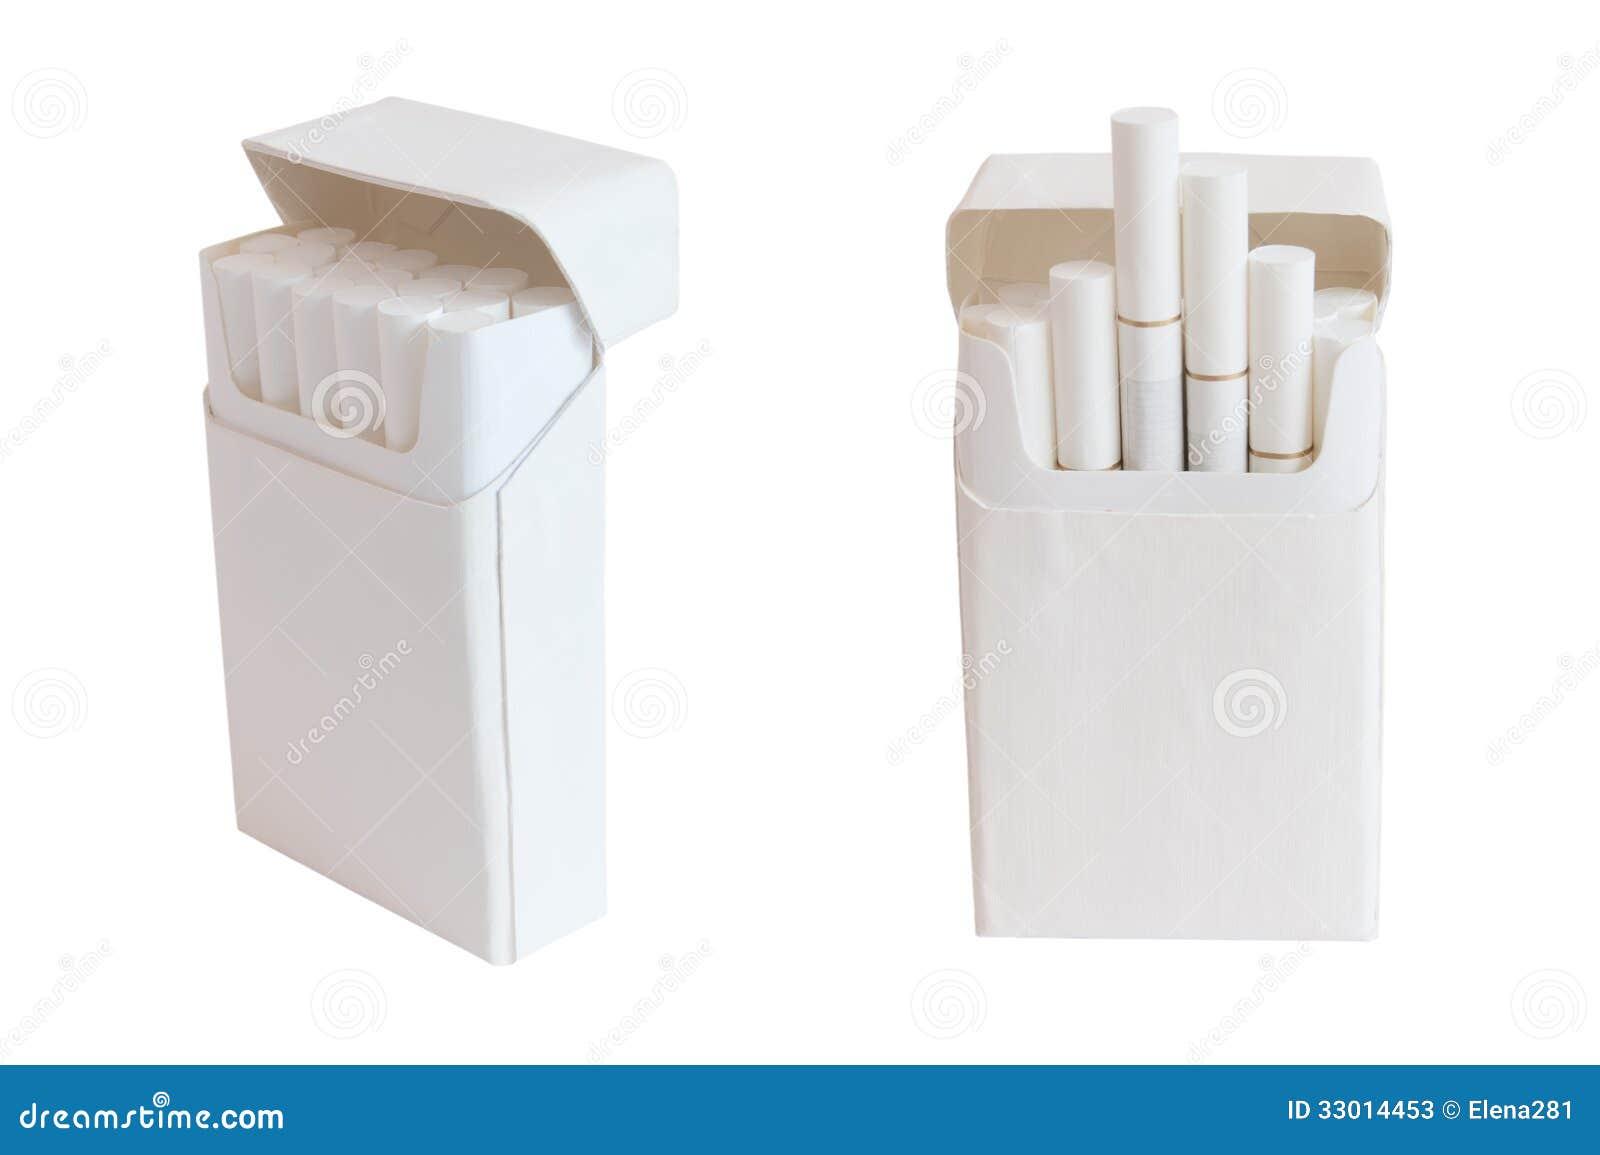 Ha volato come smettere di fumare